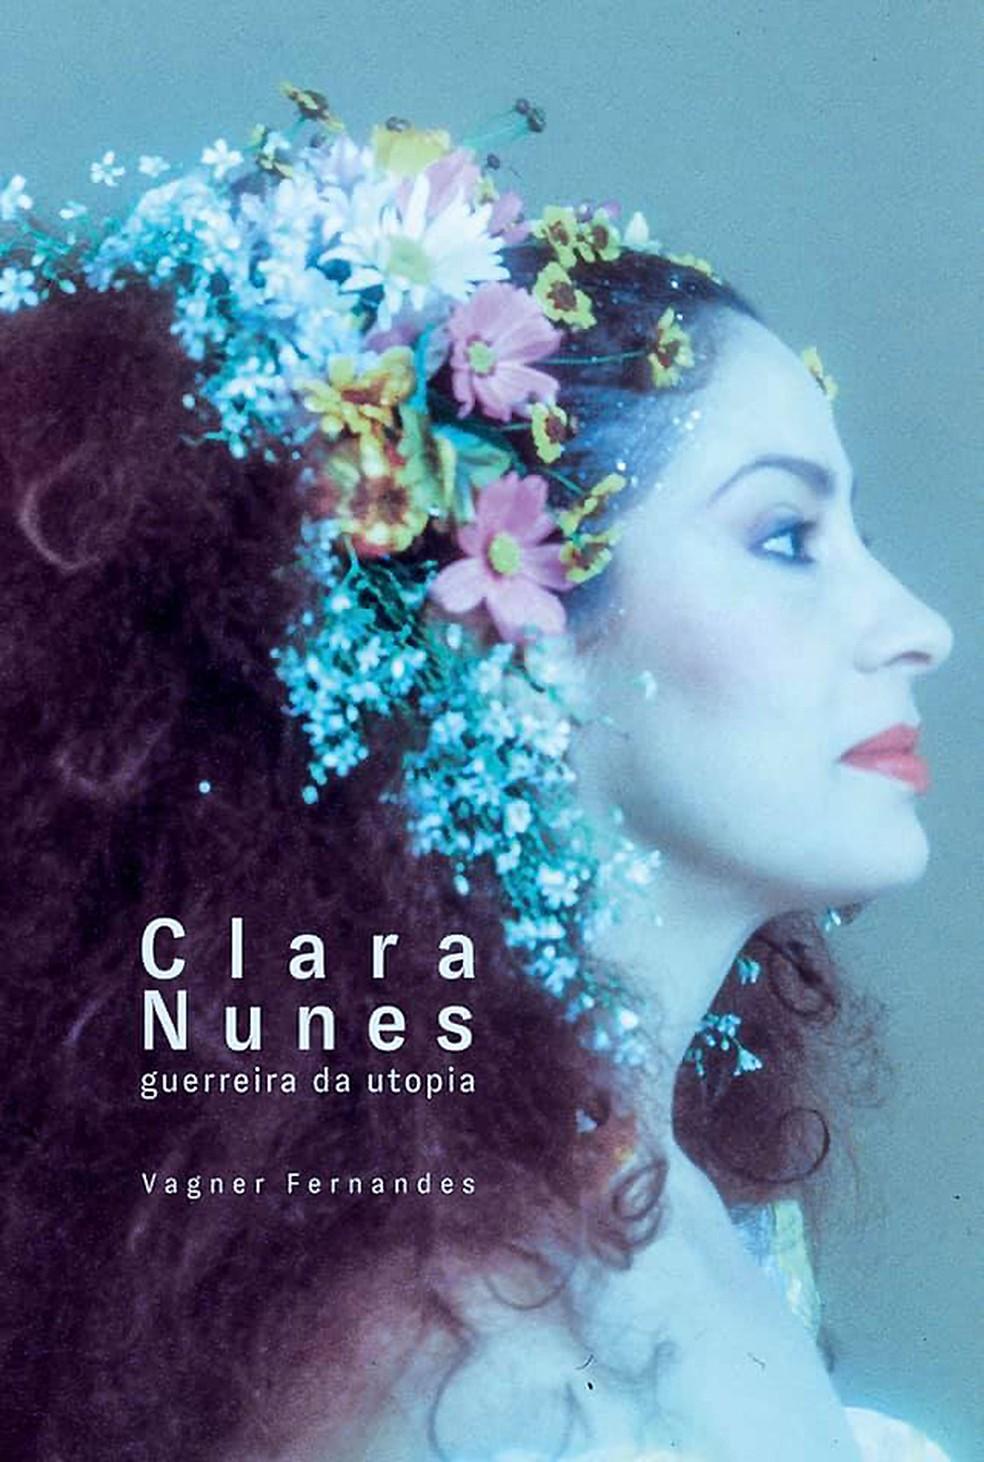 Capa da atual edição da biografia da cantora mineira Clara Nunes — Foto: Divulgação